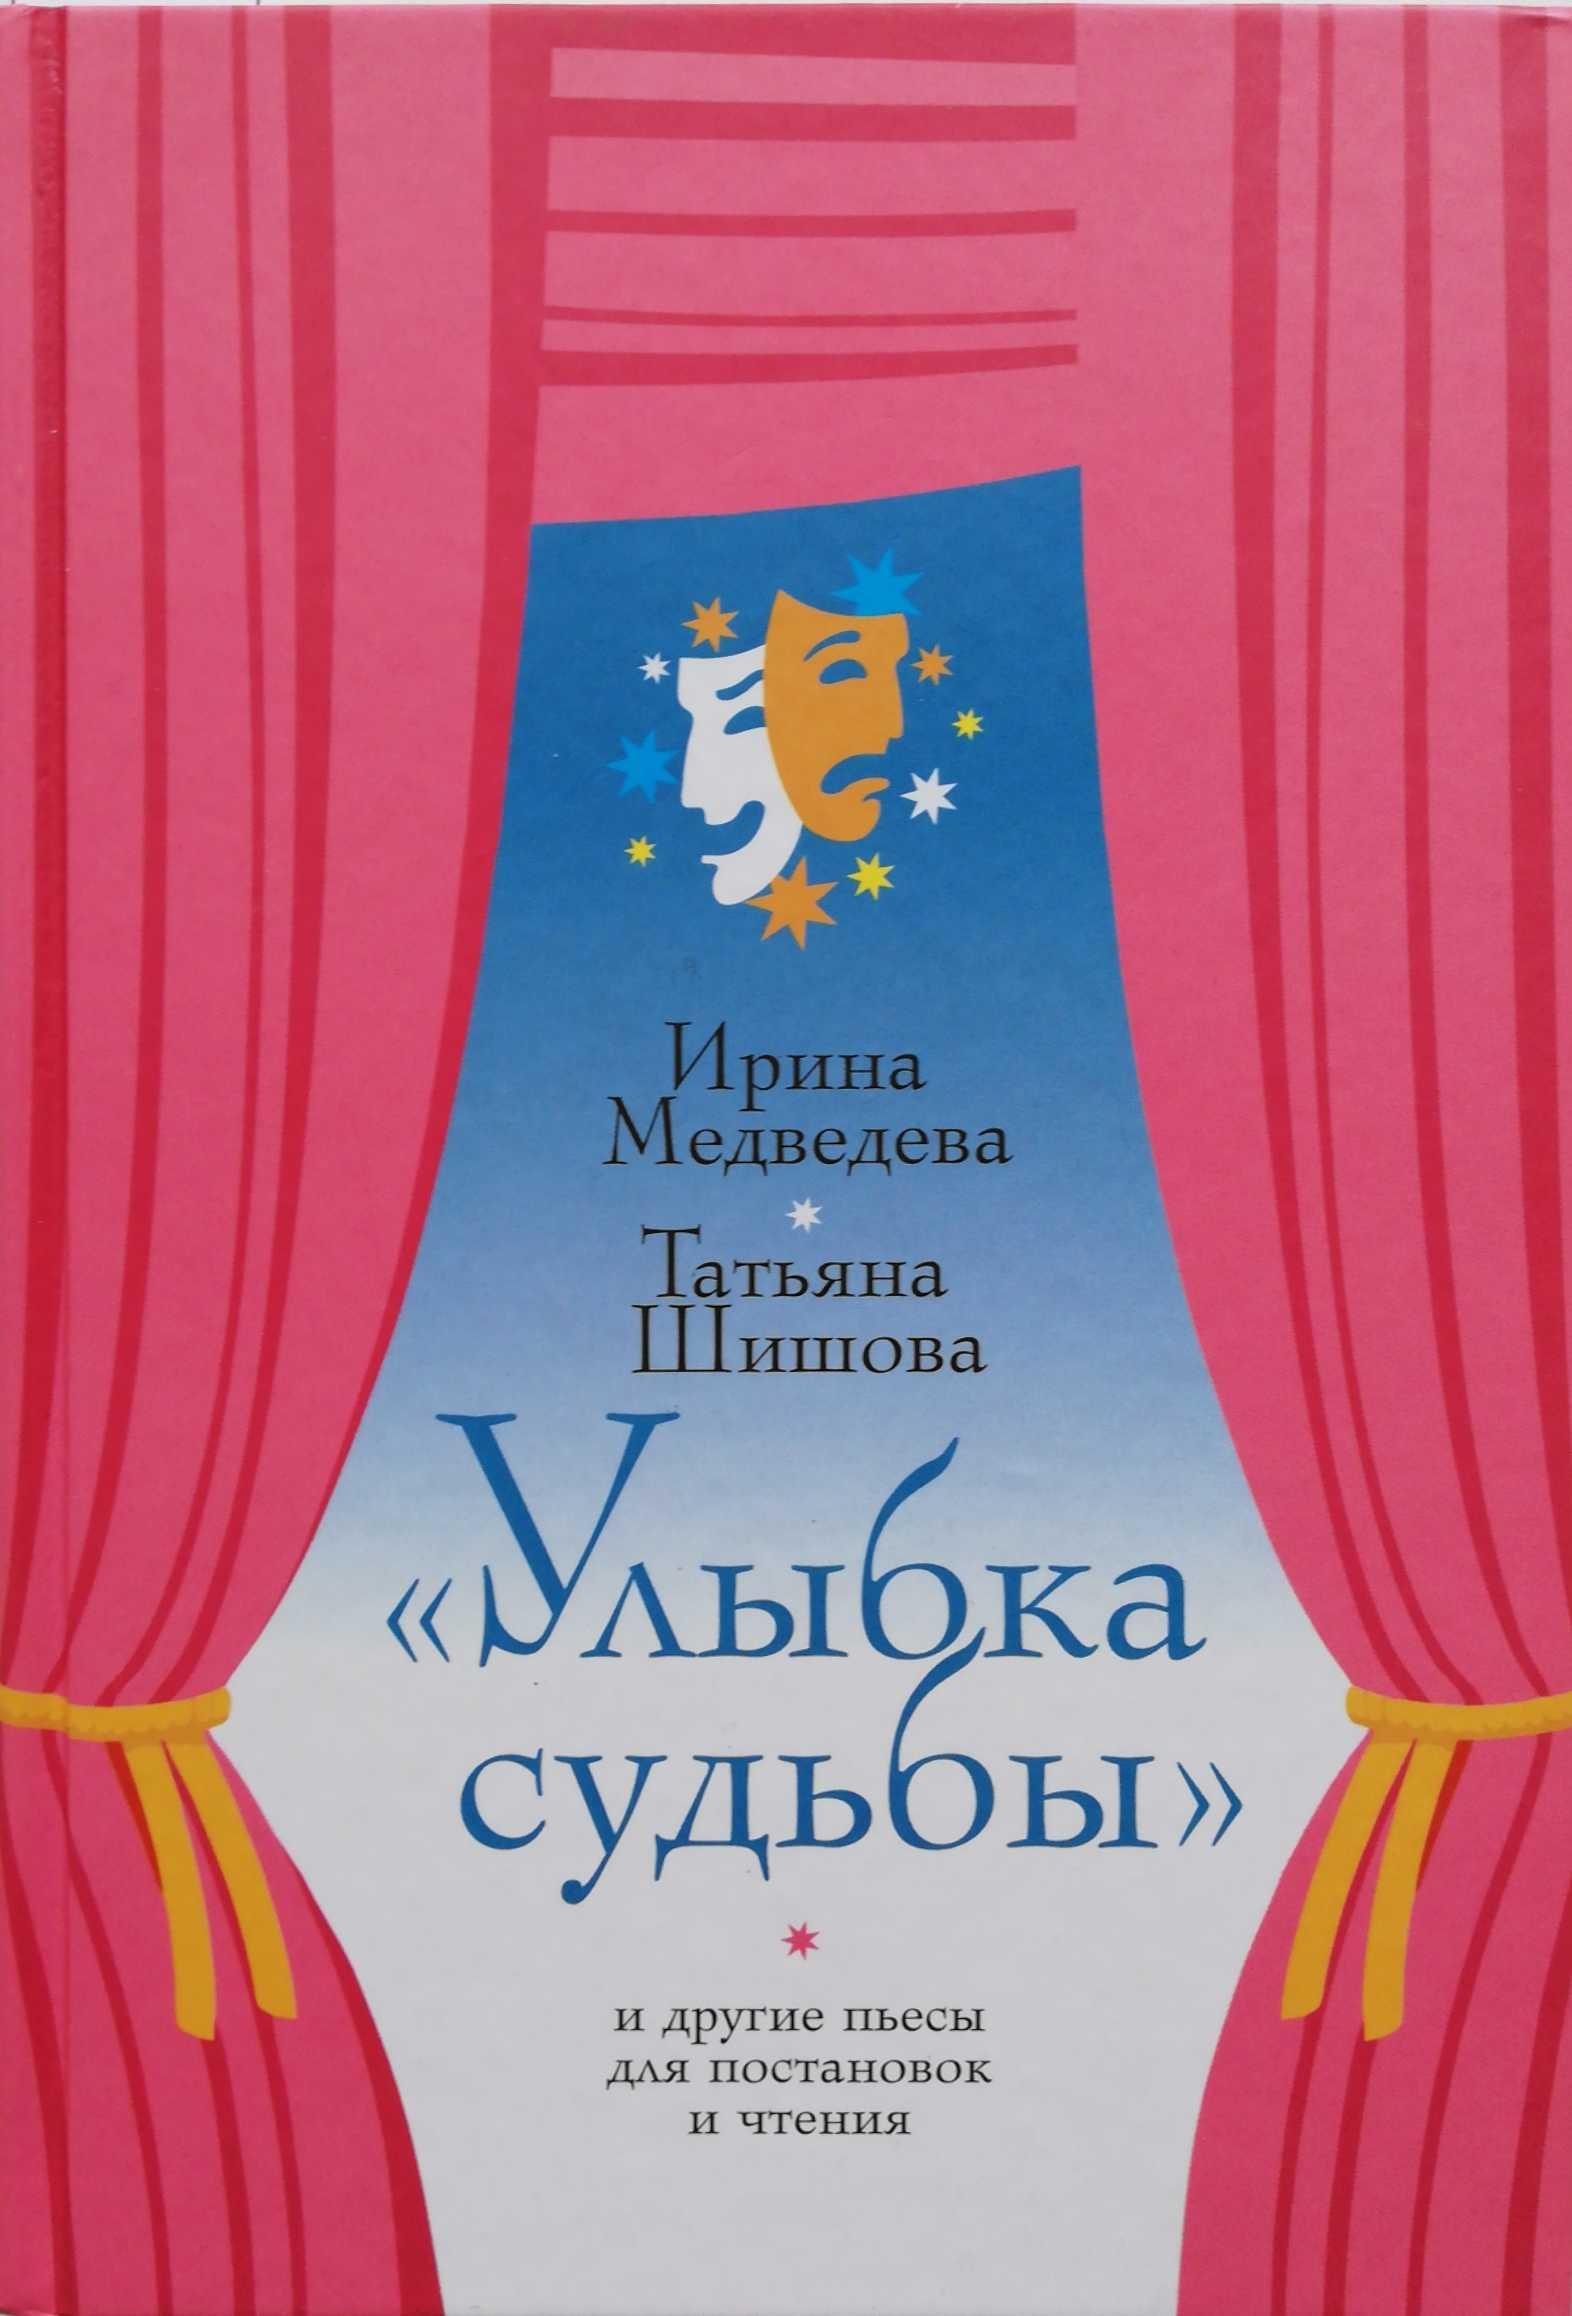 """Книга """"Улыбка судьбы"""" и другие пьесы для постановок и чтения. И.Медведева , Т.Шишова"""